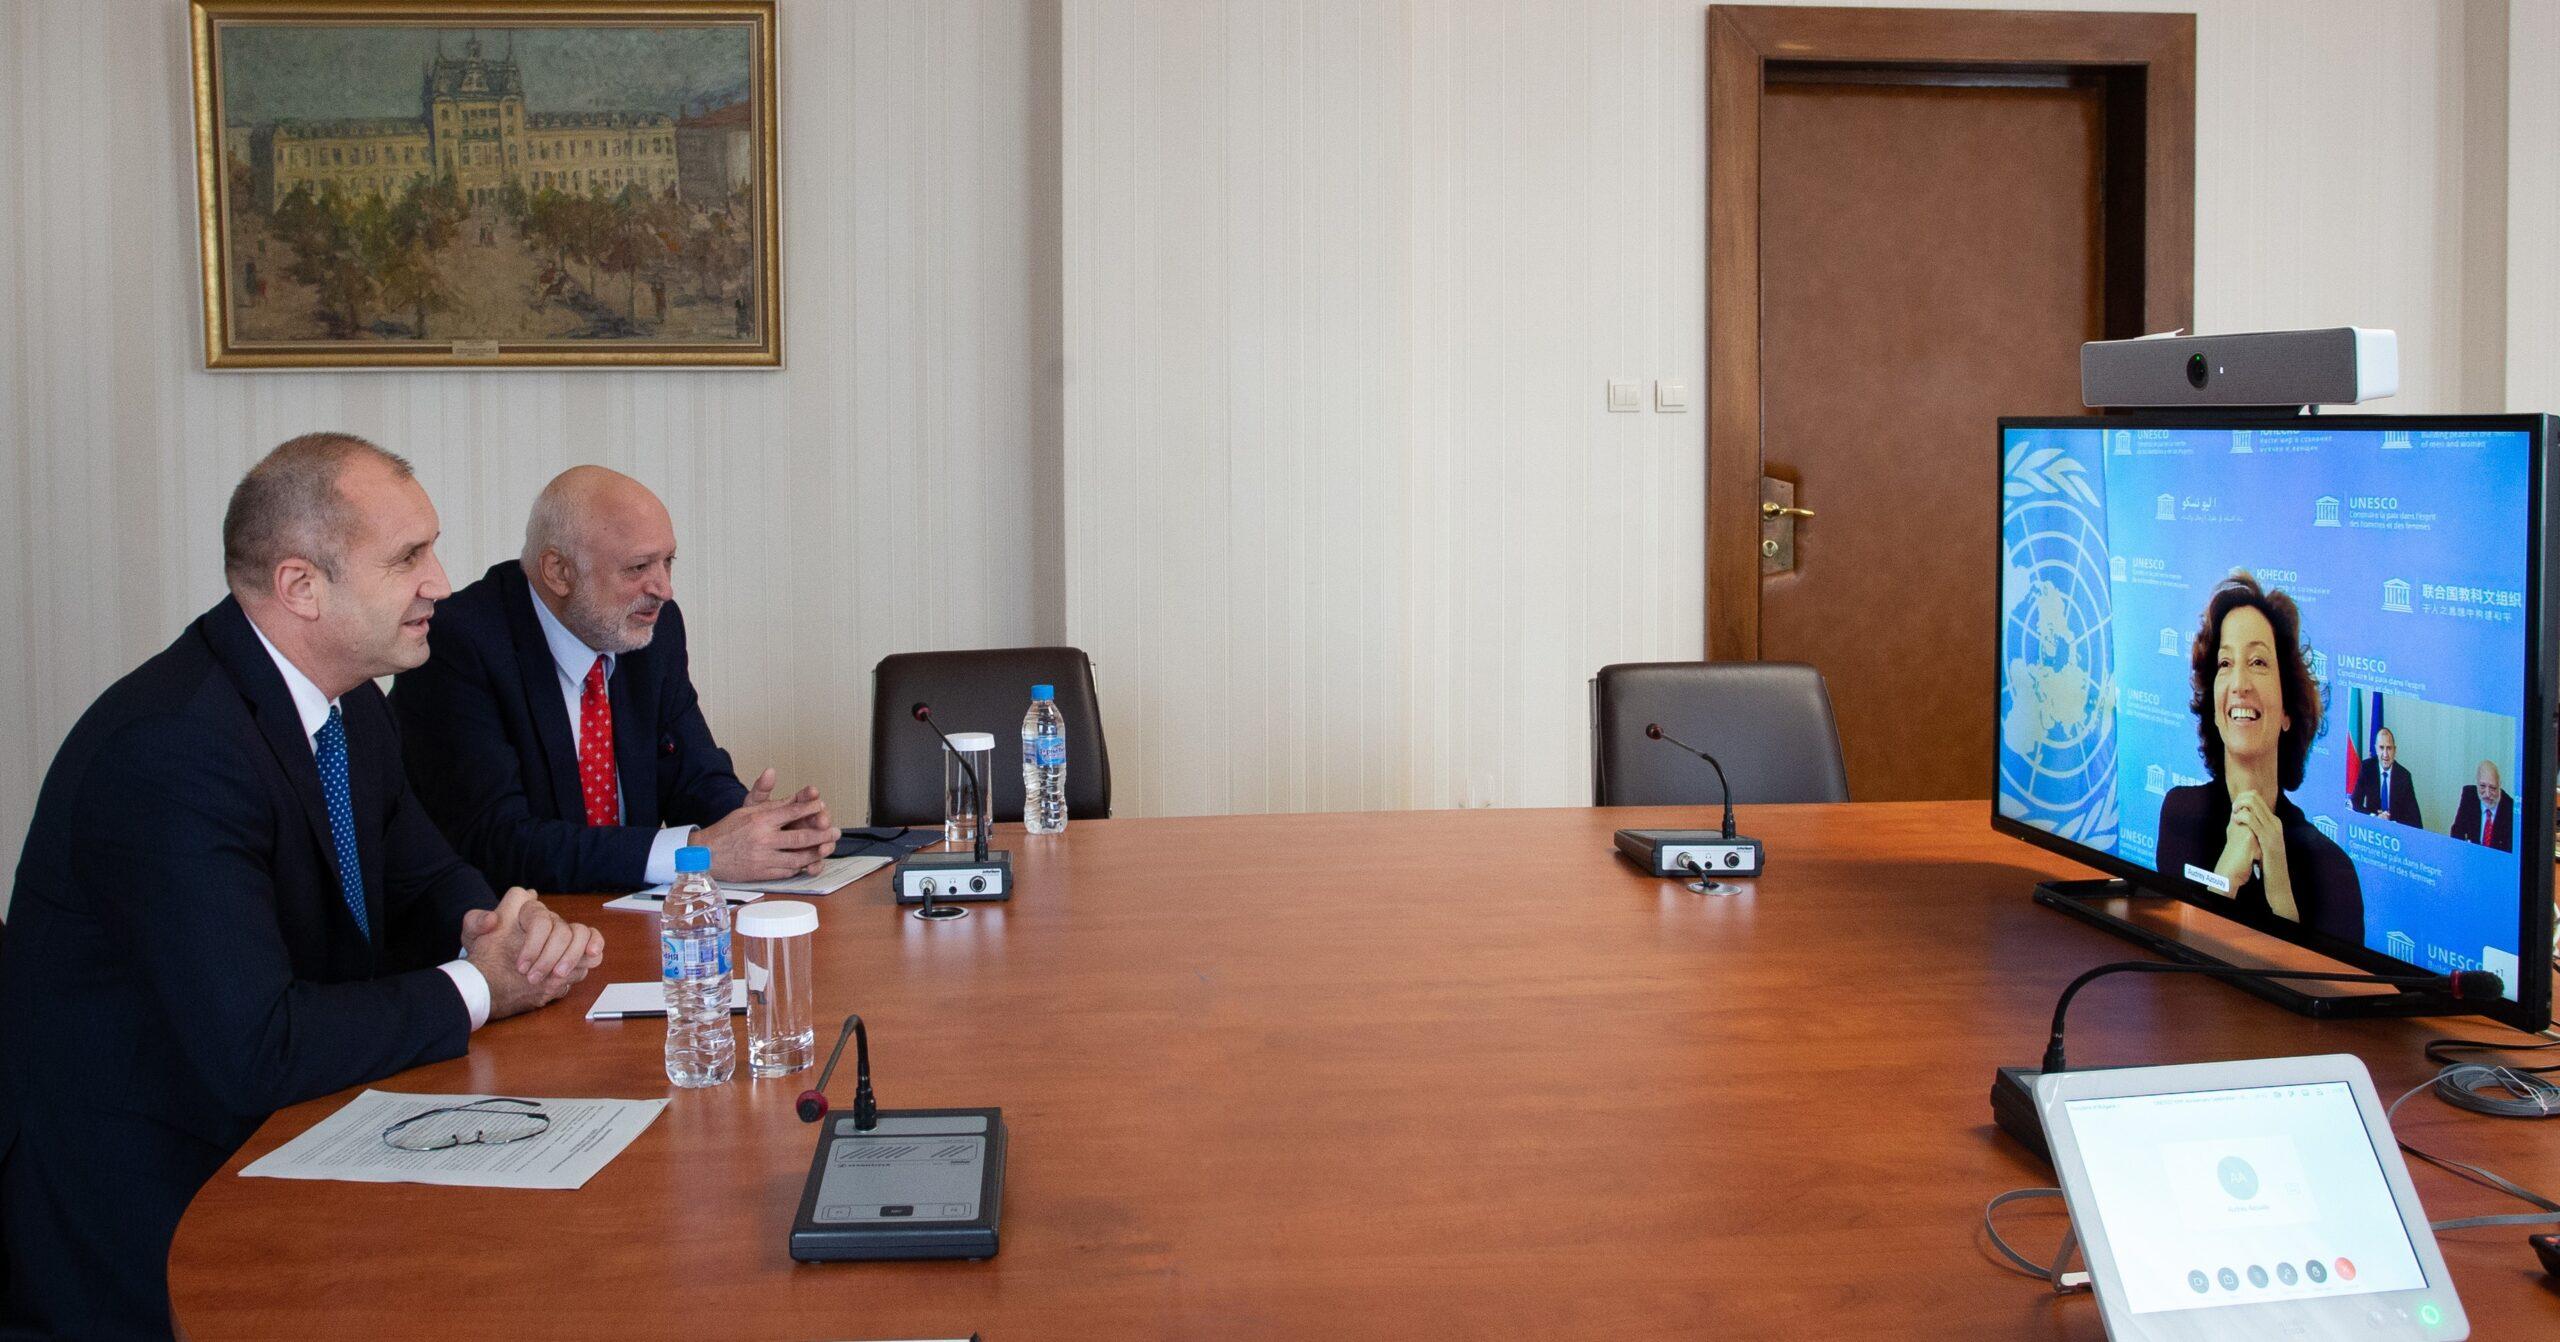 Румен Радев: Истинското европейско обединение е изградено на основата на споделени културни ценности, а не на финансови средства